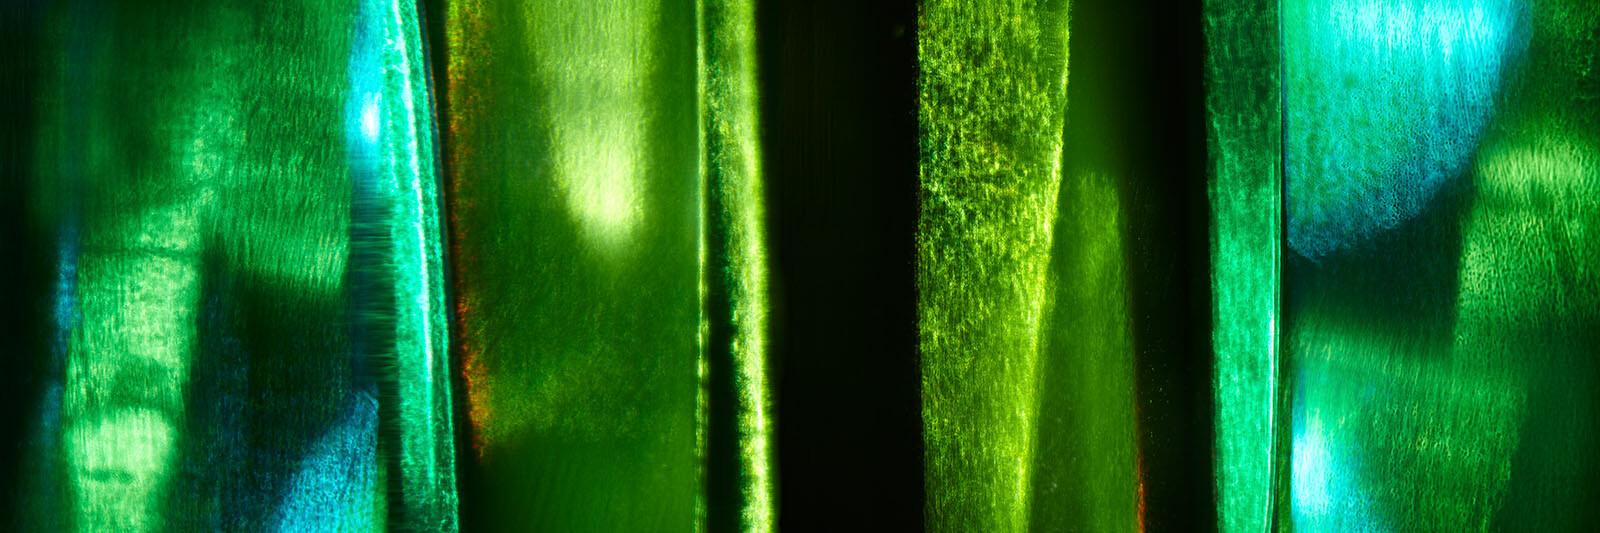 Smaragd - Beatrice Hug